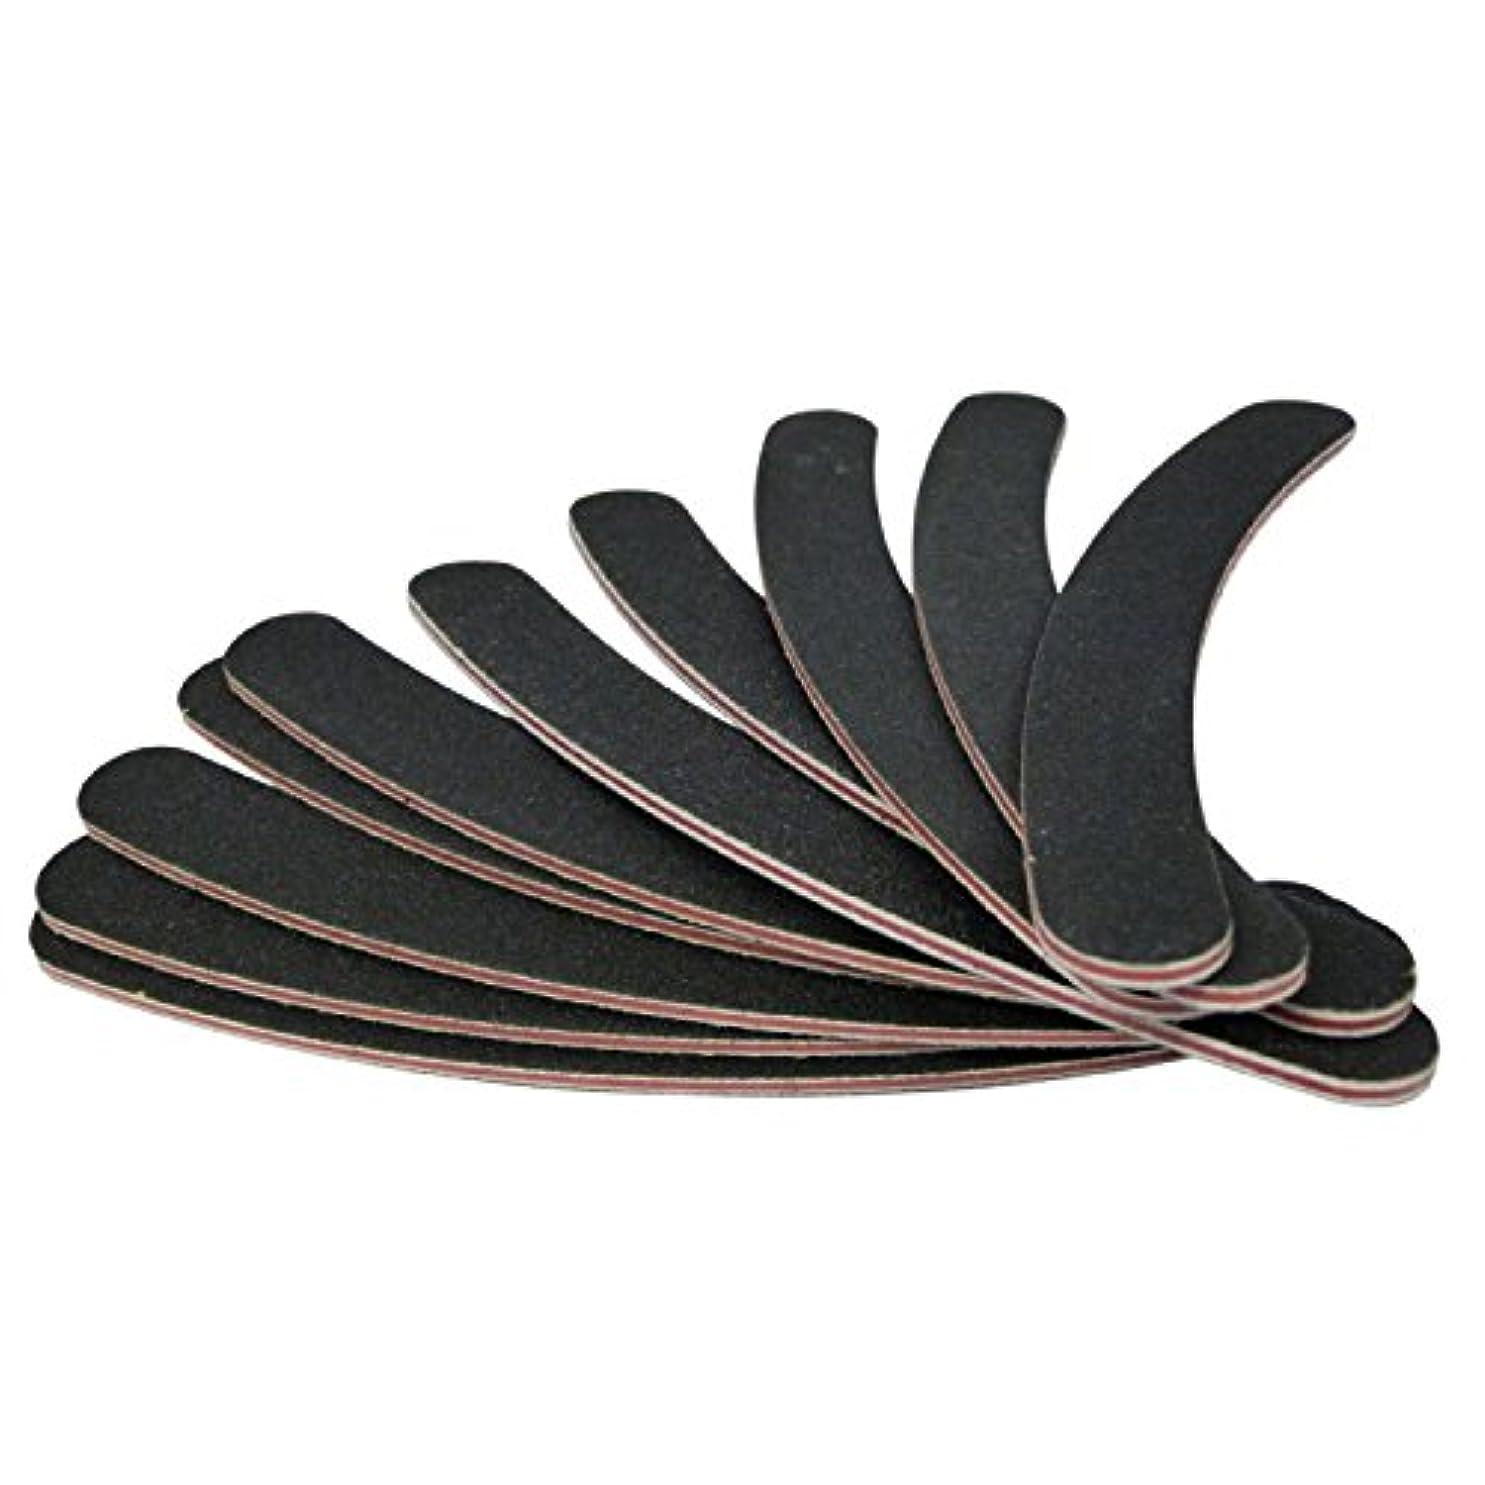 不倫侵入移植Gespout 爪やすり 爪磨き 滑らか仕上げ ネイルシャイナー ネイルケア用品 ピカピカ ネイルケア 紙 人気 10本セット ブラック